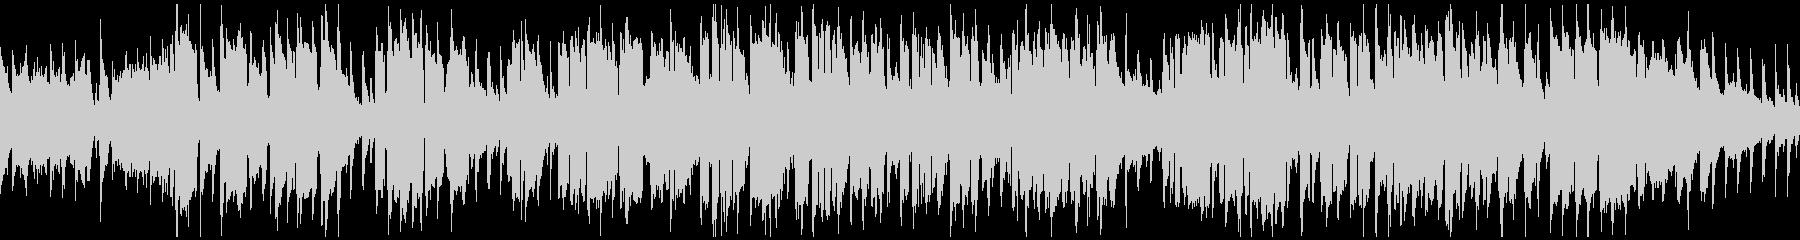 遠足ピクニック系の楽しいBGM※ループ版の未再生の波形